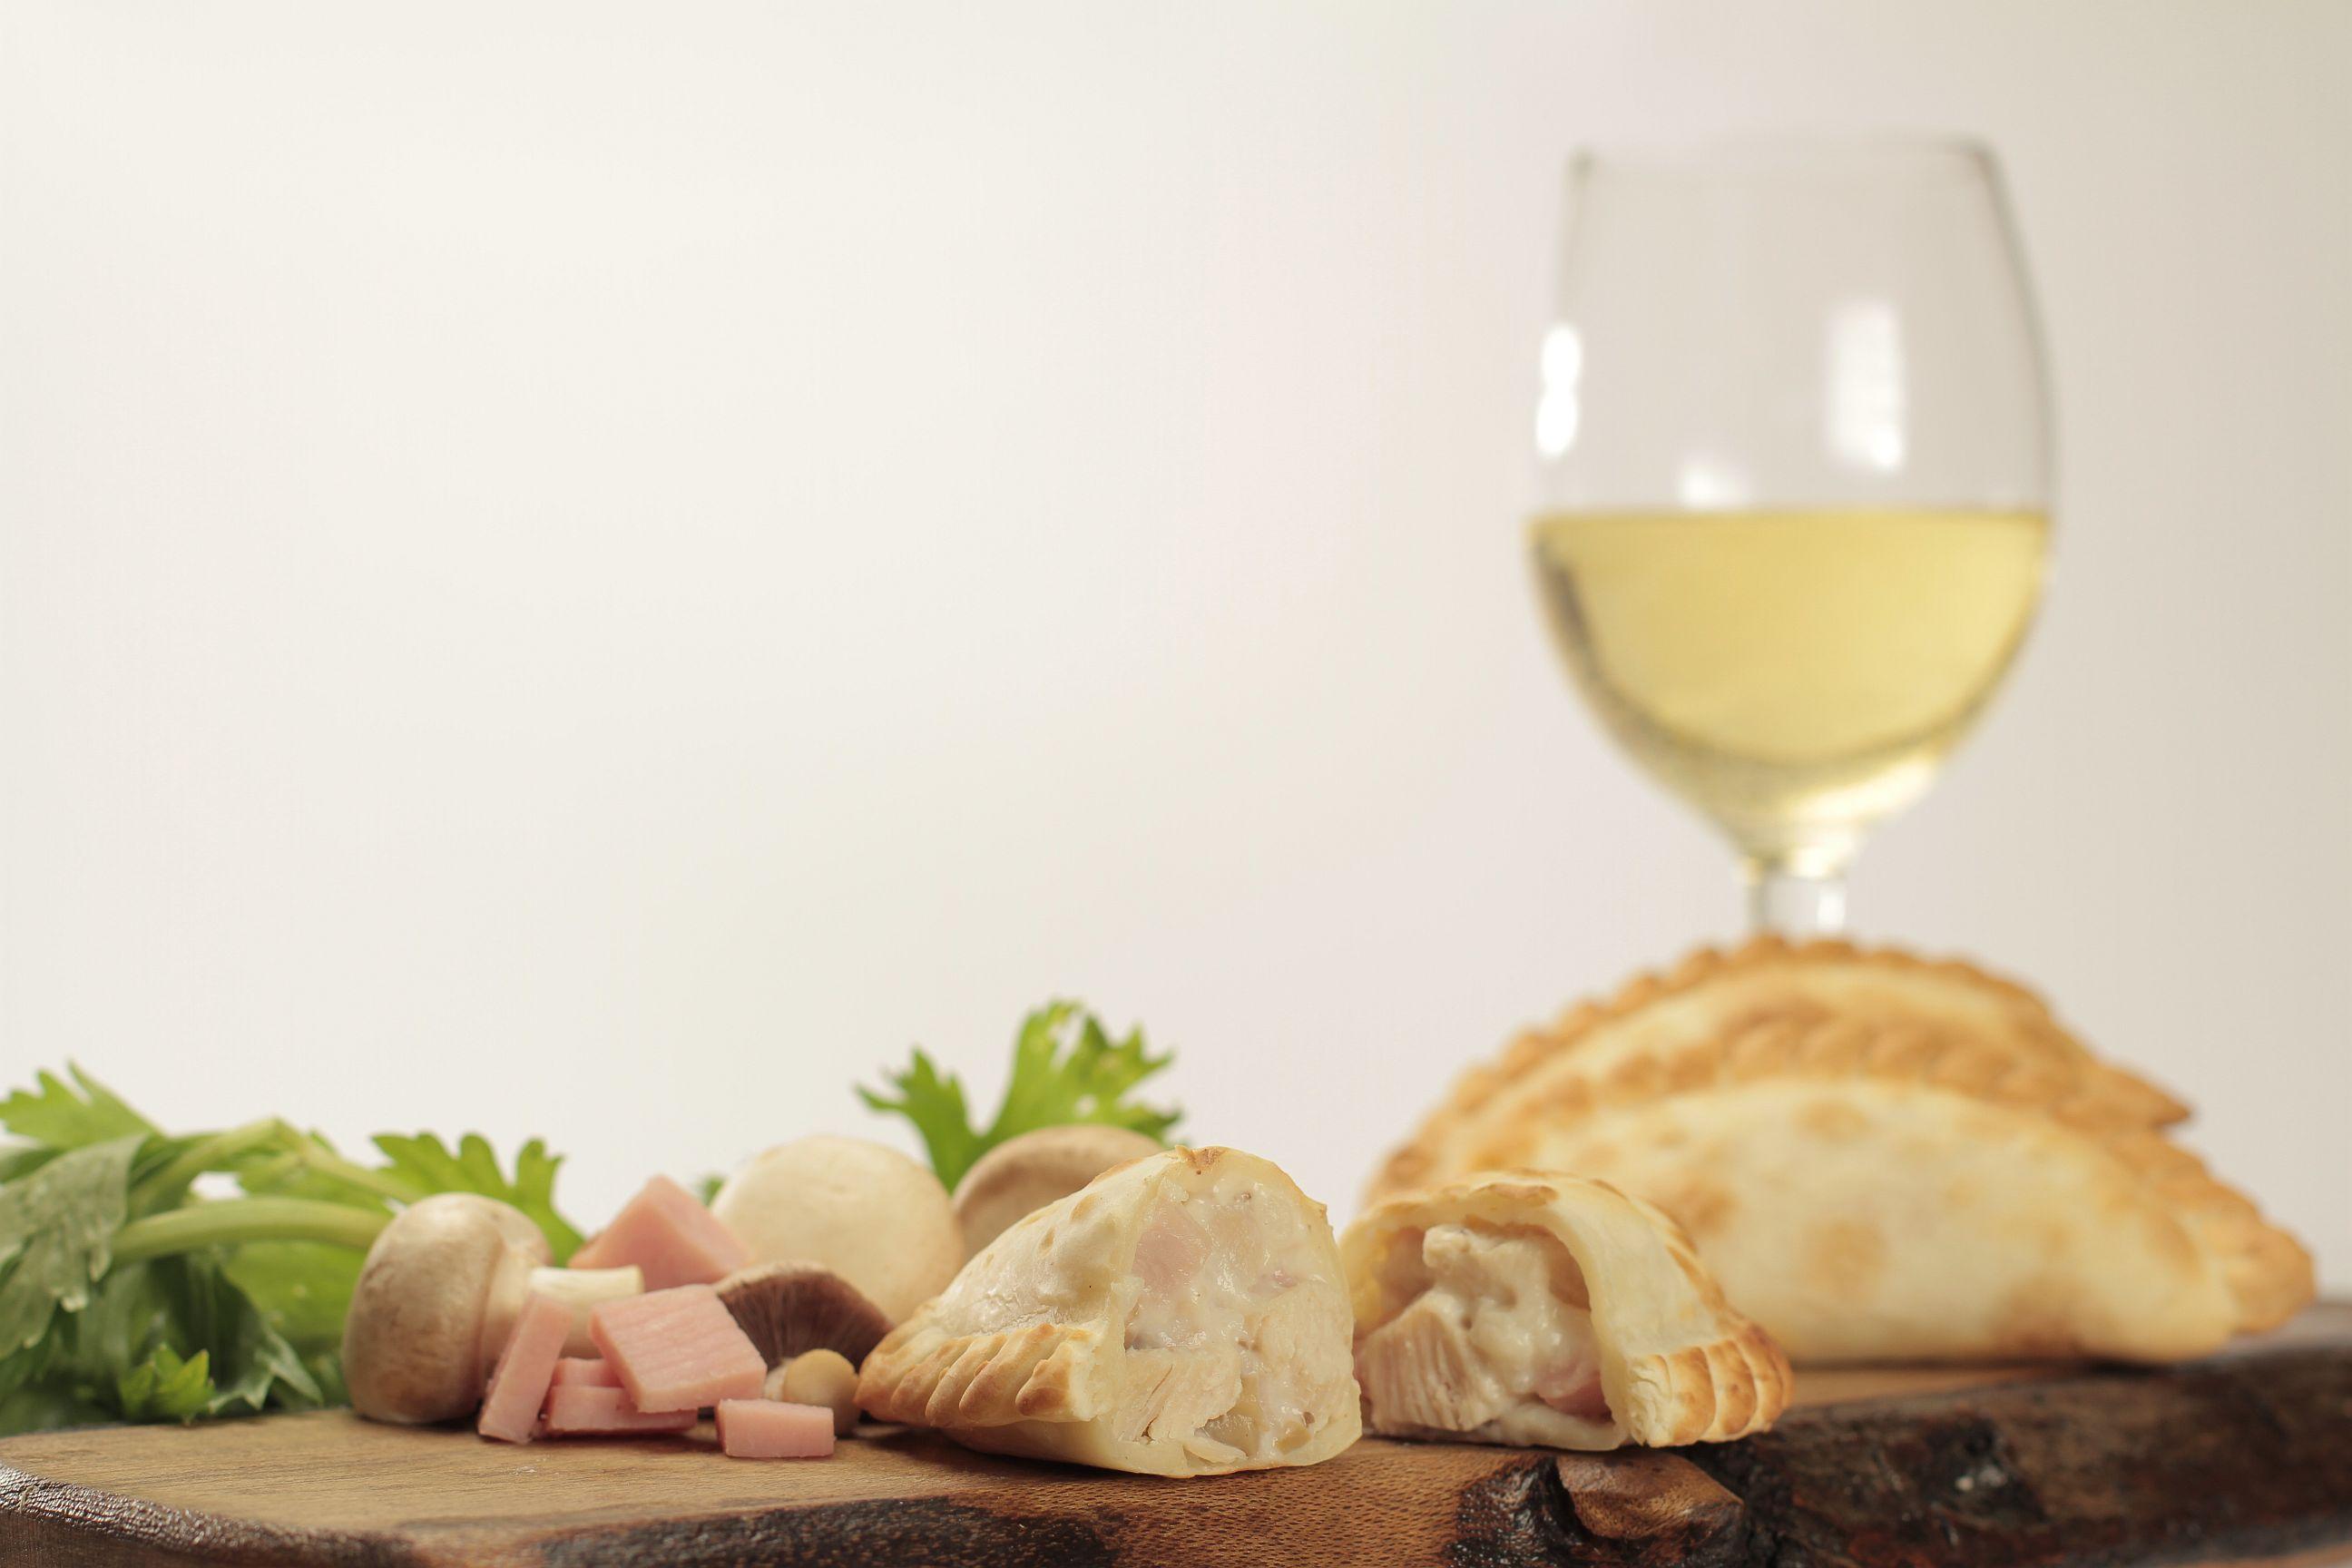 Empanada de Queso, salchicha y mostaza al vino blanco de Cumen Cumen